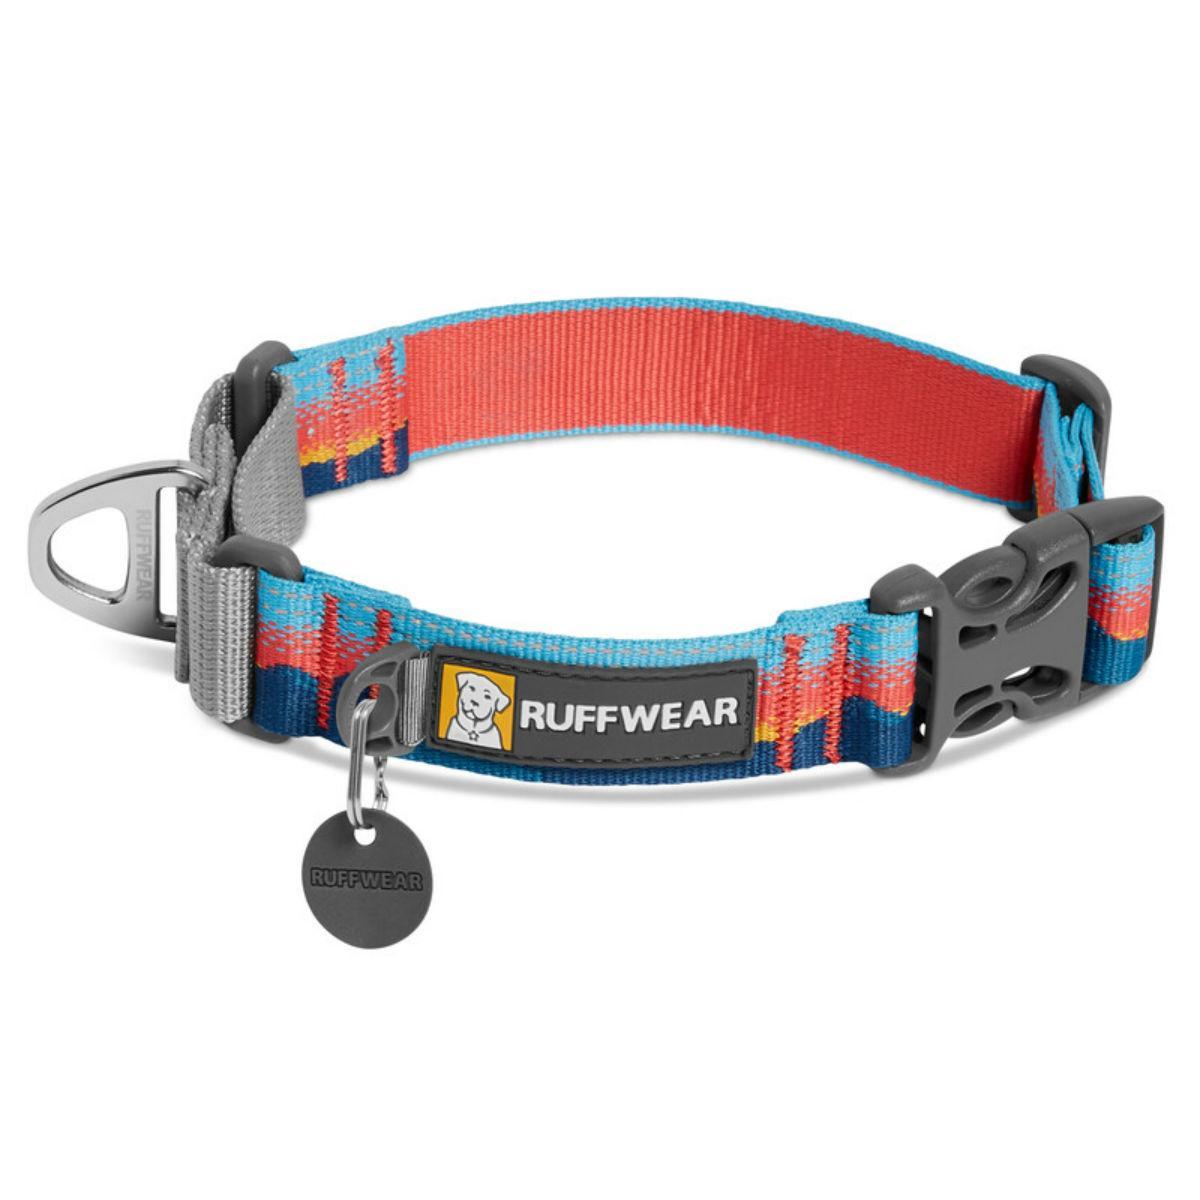 Web Reaction Dog Collar by RuffWear - Sunset